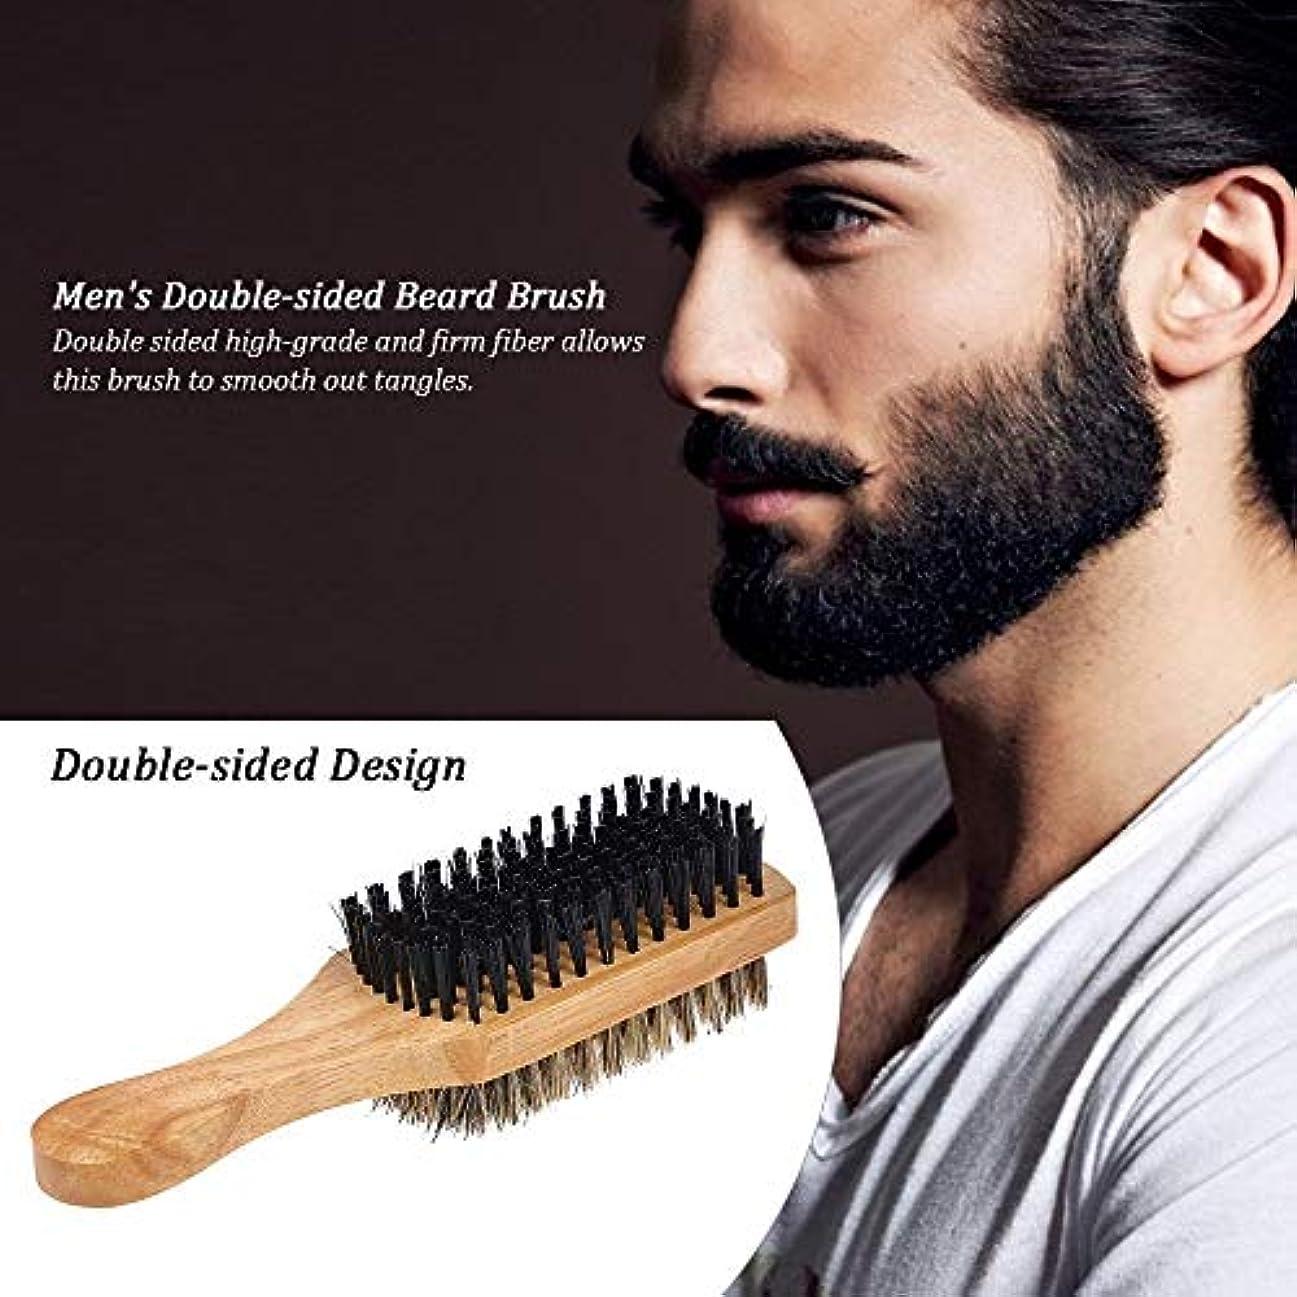 仲介者呪い繰り返しシェービングブラシ メンズ 理容 洗顔 髭剃り ひげ髭ブラシ ひげケア ひげ剃り シェービングブラシ デュアルサイド (Color : #1)